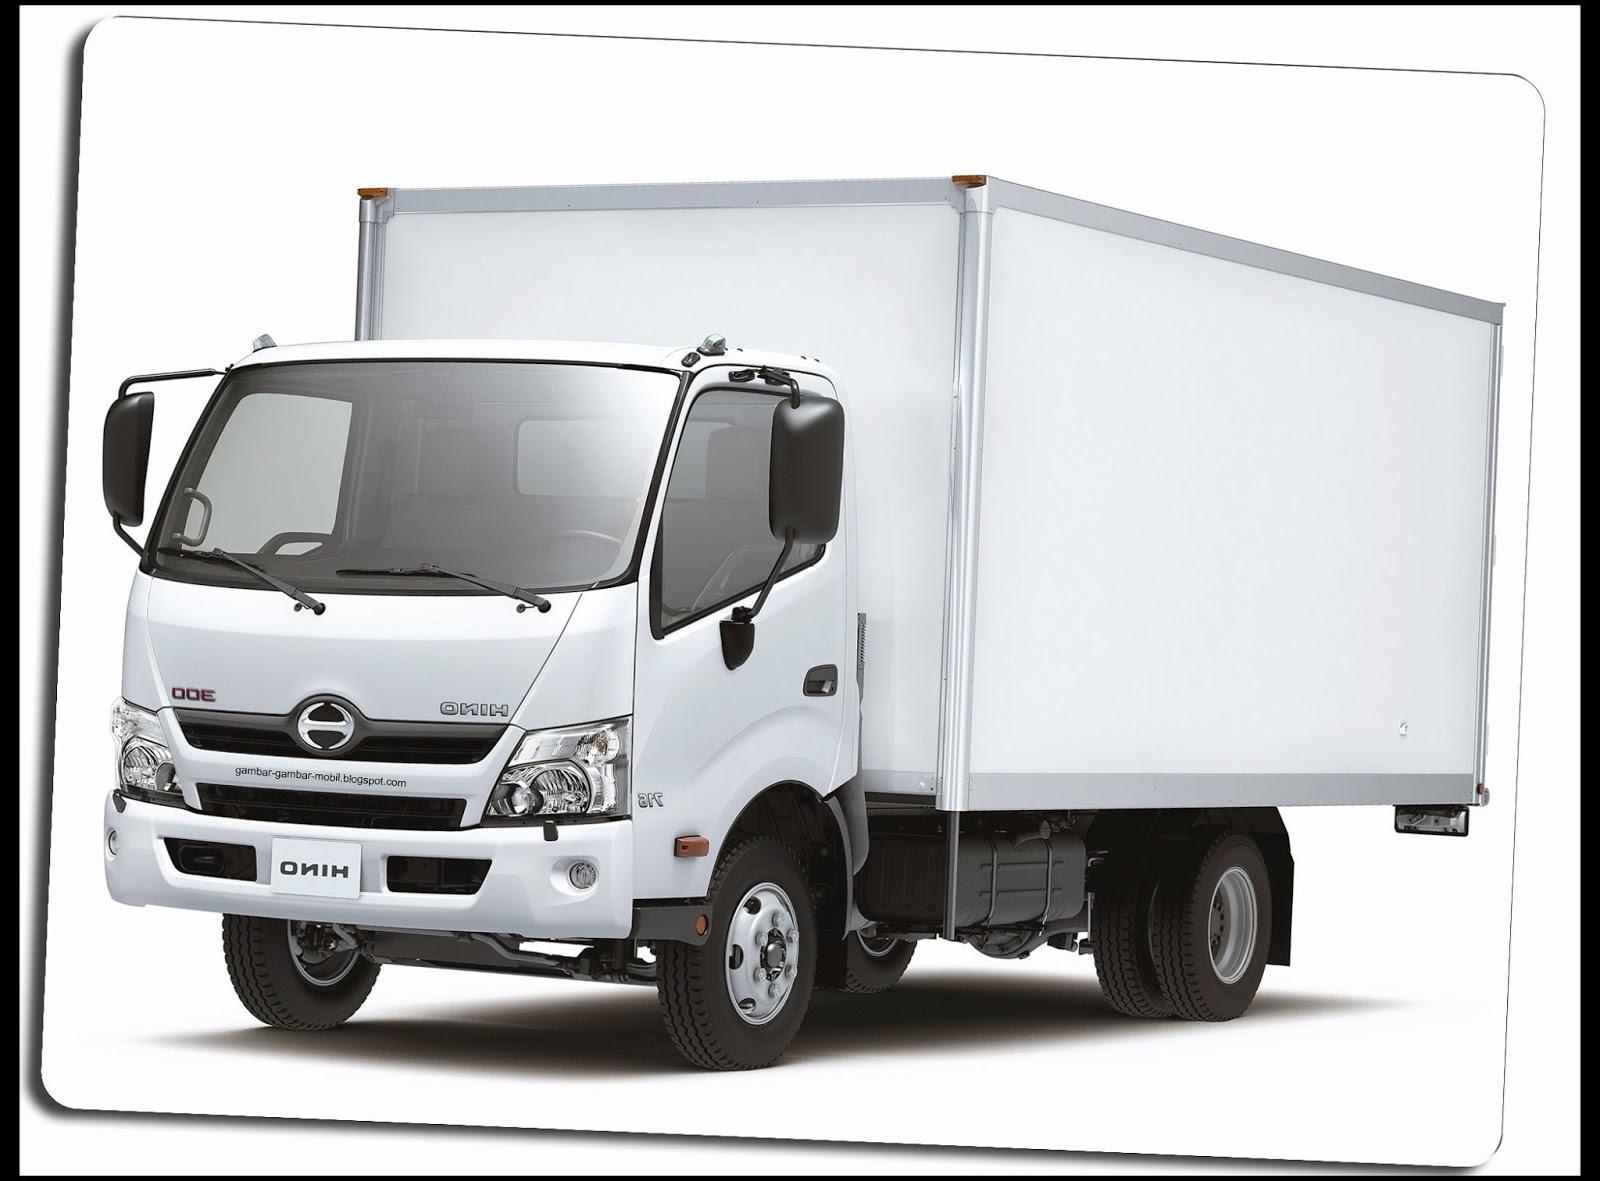 gambar mobil truk besar di dunia gambar gambar mobil. Black Bedroom Furniture Sets. Home Design Ideas